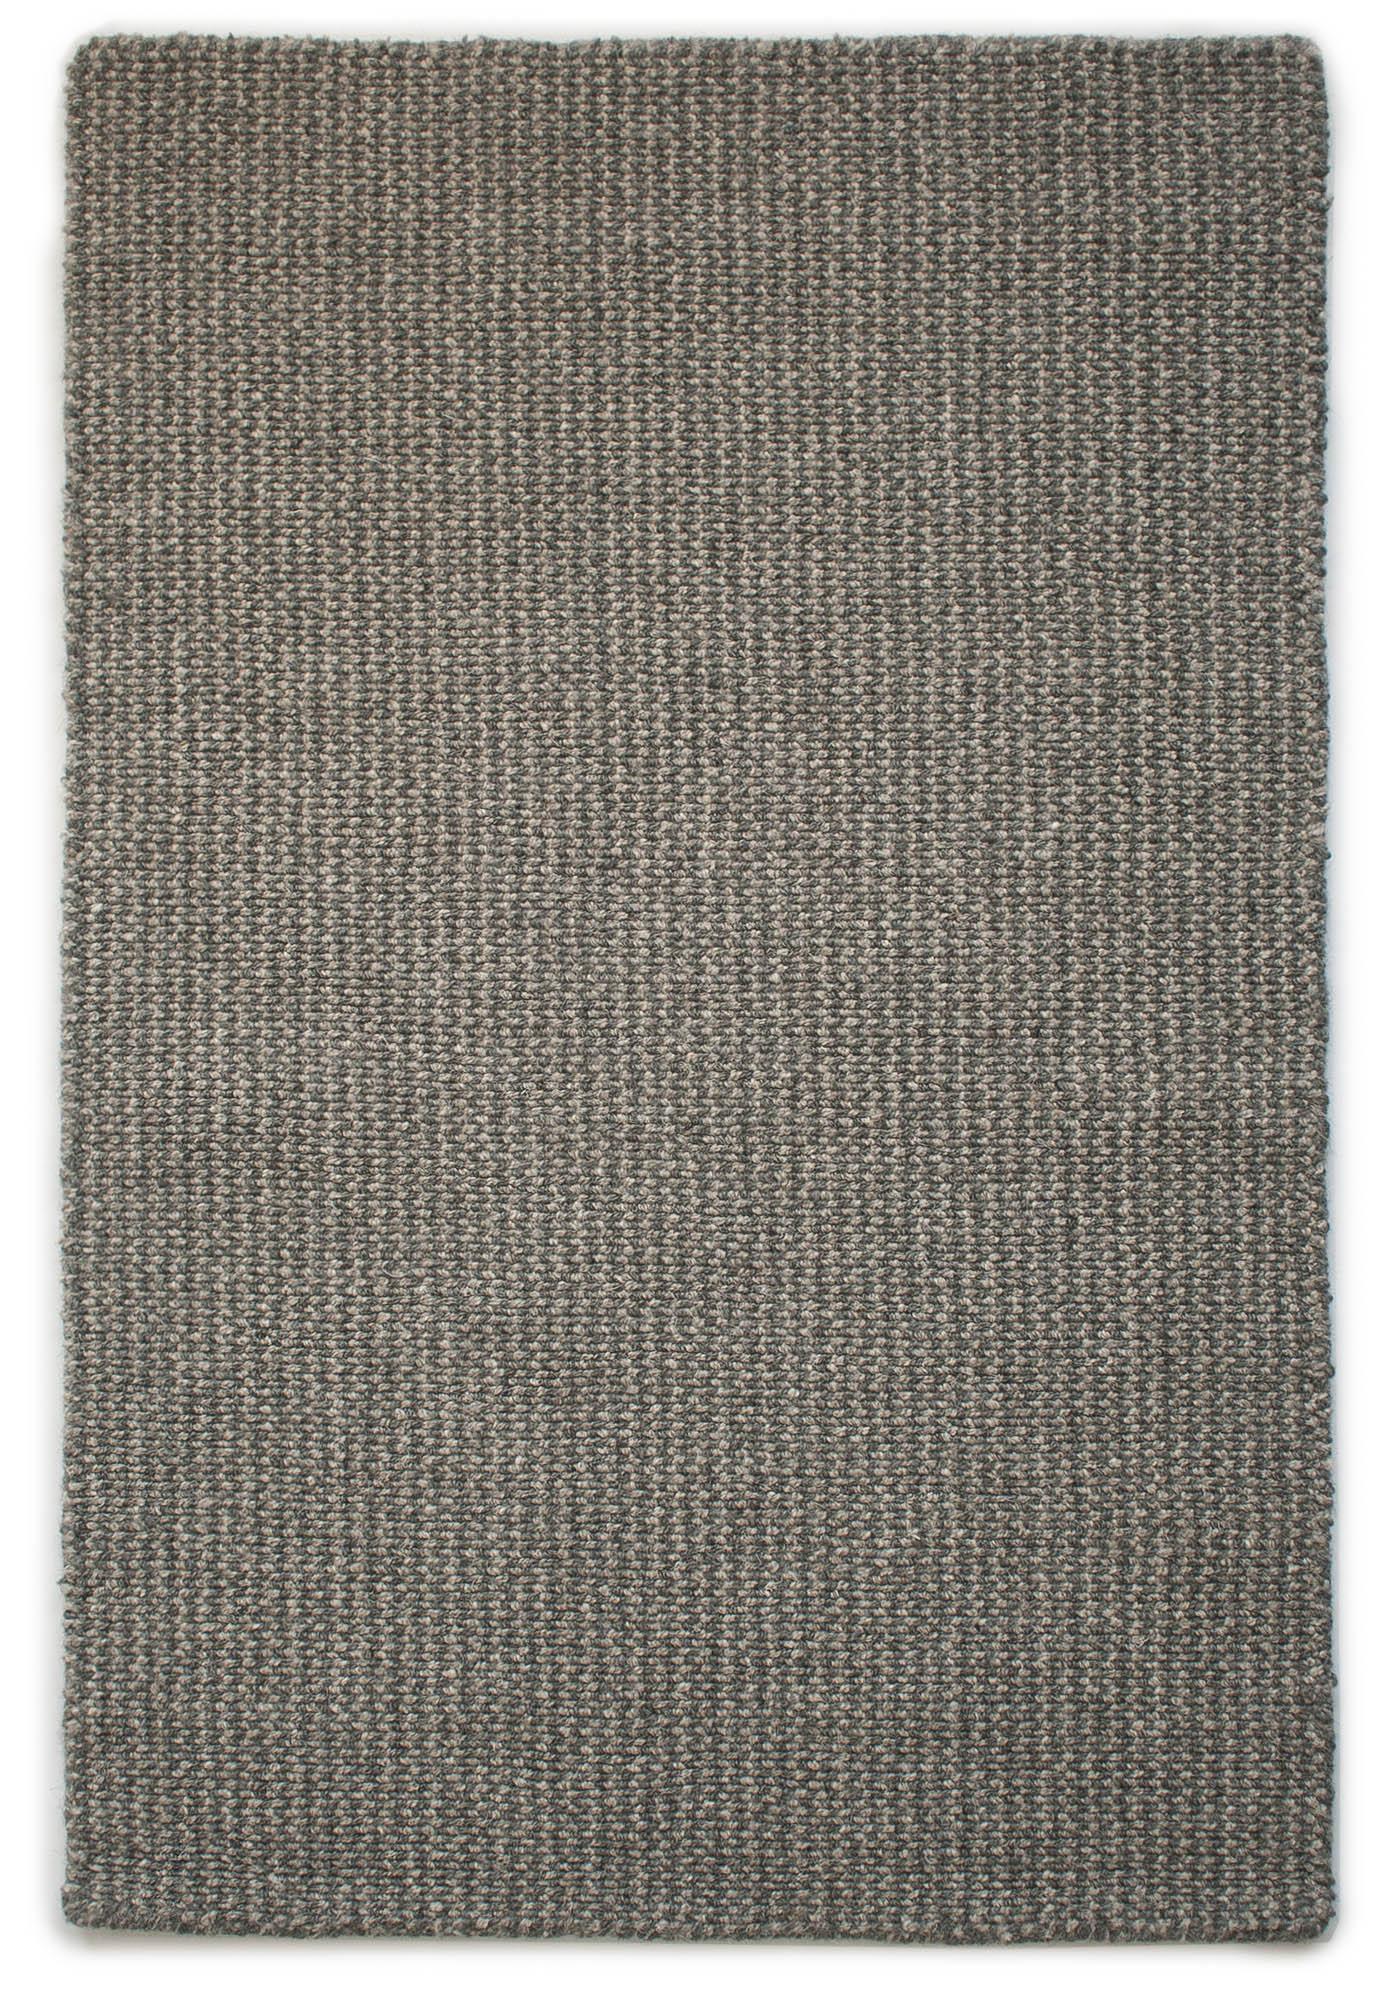 Crossweave Natural Wool Grey Loom Hooked Rug